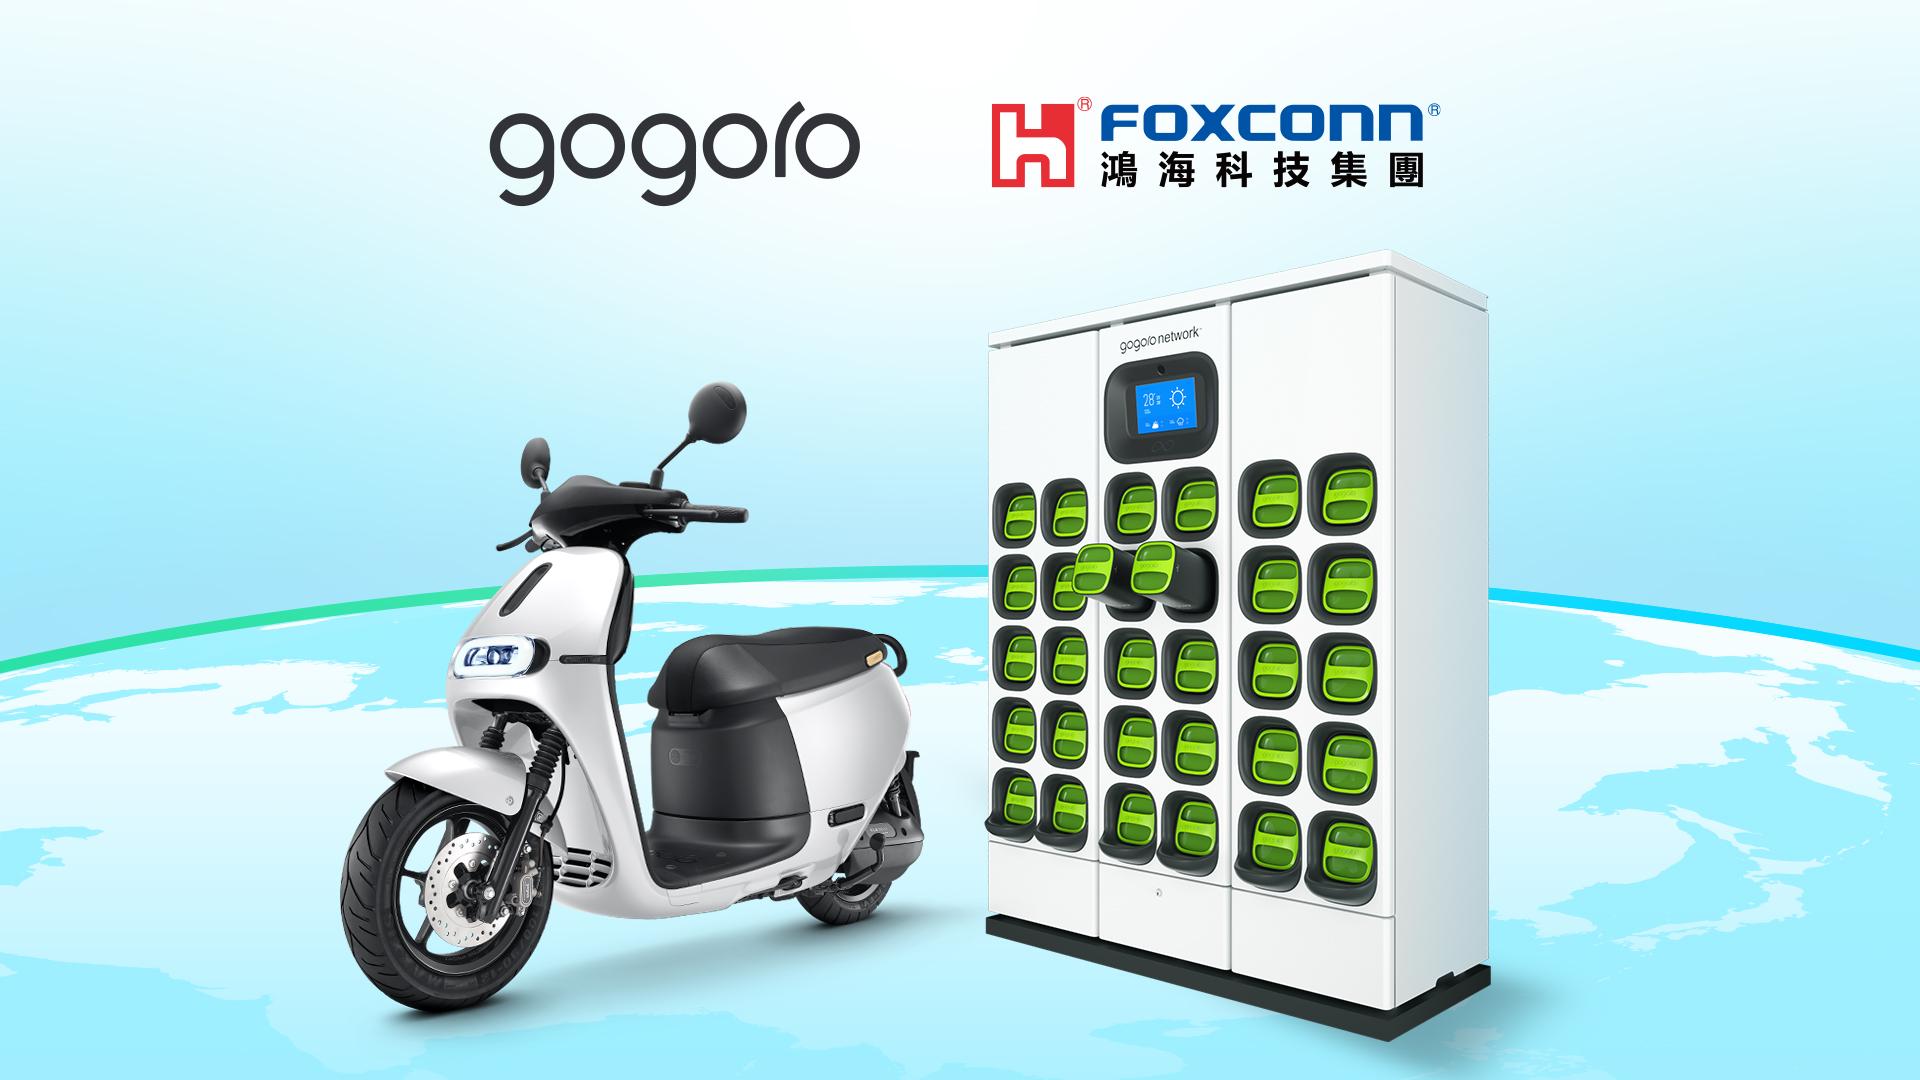 圖 1:鴻海宣布與 Gogoro 策略聯盟,合作加速擴展電池交換系統與智慧電動機車.jpg